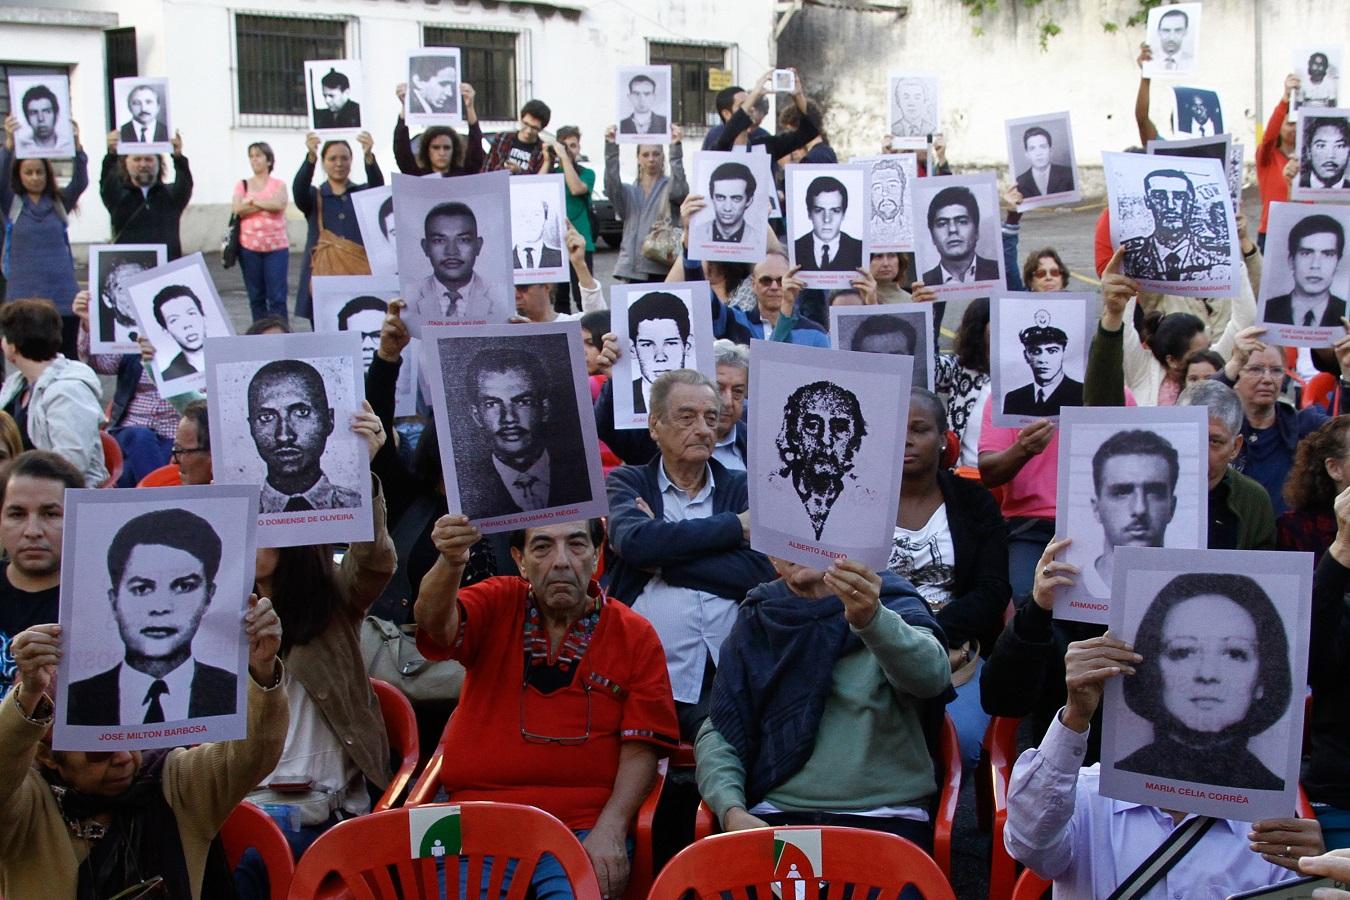 Ativistas dos Direitos Humanos protestam em São Paulo segurando as fotos de algumas das vítimas da ditadura no Brasil. Foto Fabio Vieira/FotoRua/NurPhoto